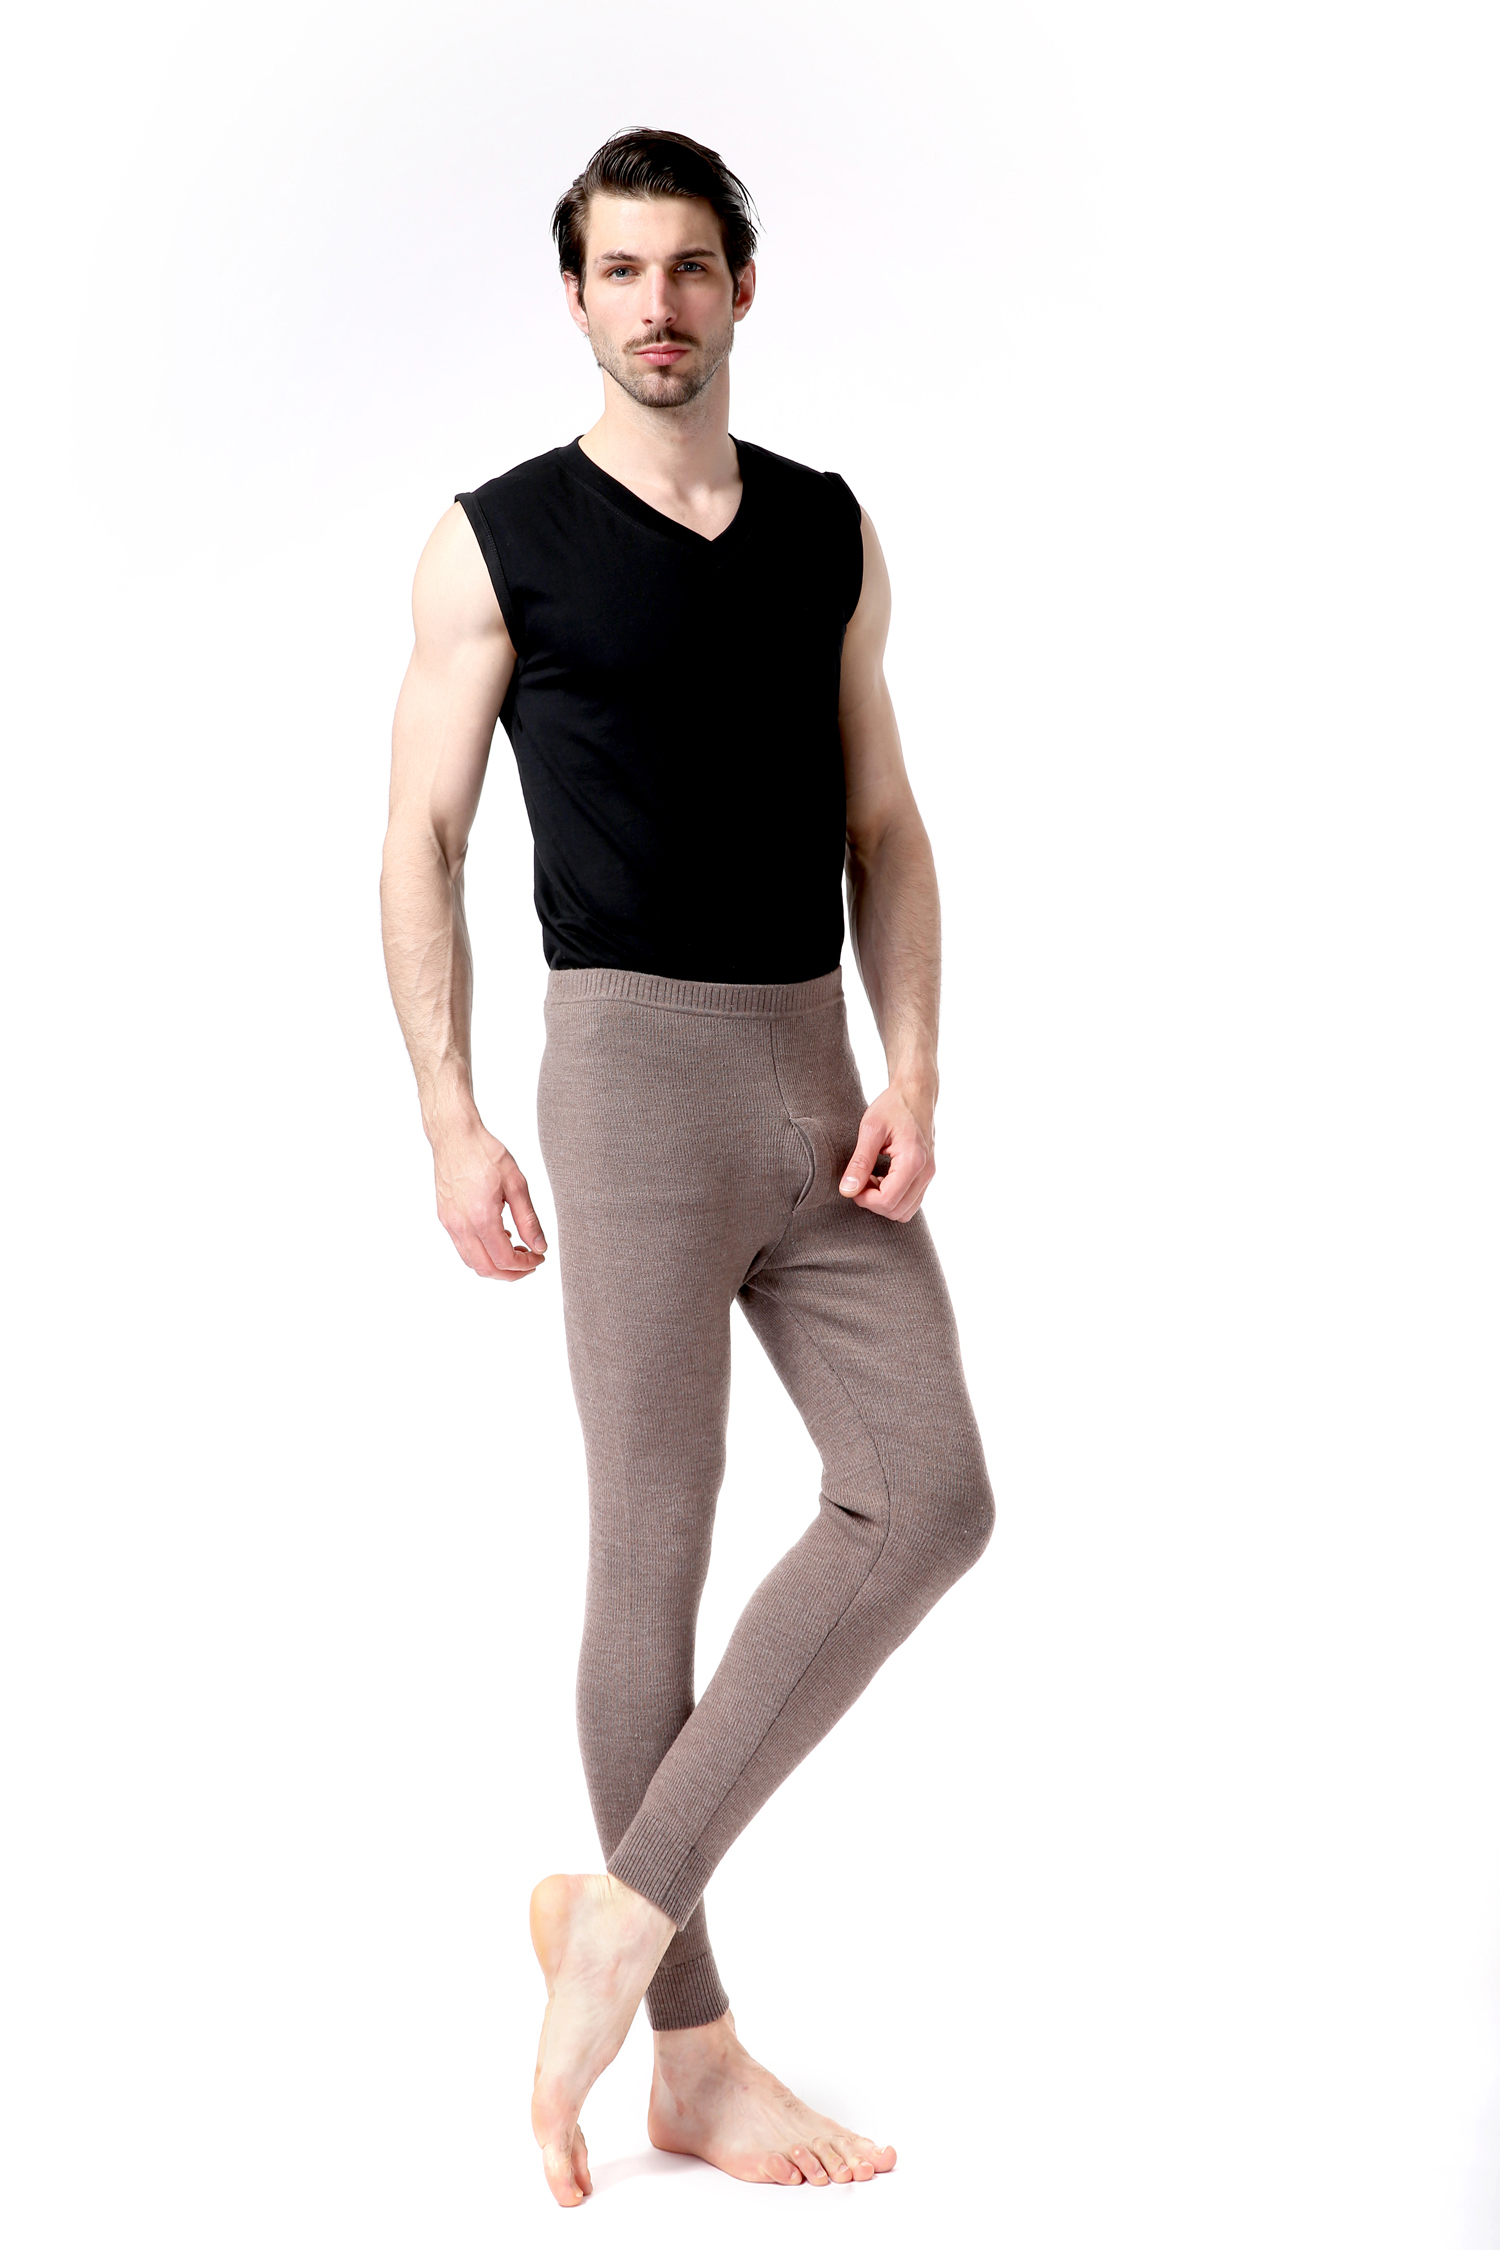 乌兰察布打底裤|品牌好的都兰诺斯澳毛男抽条裤推荐